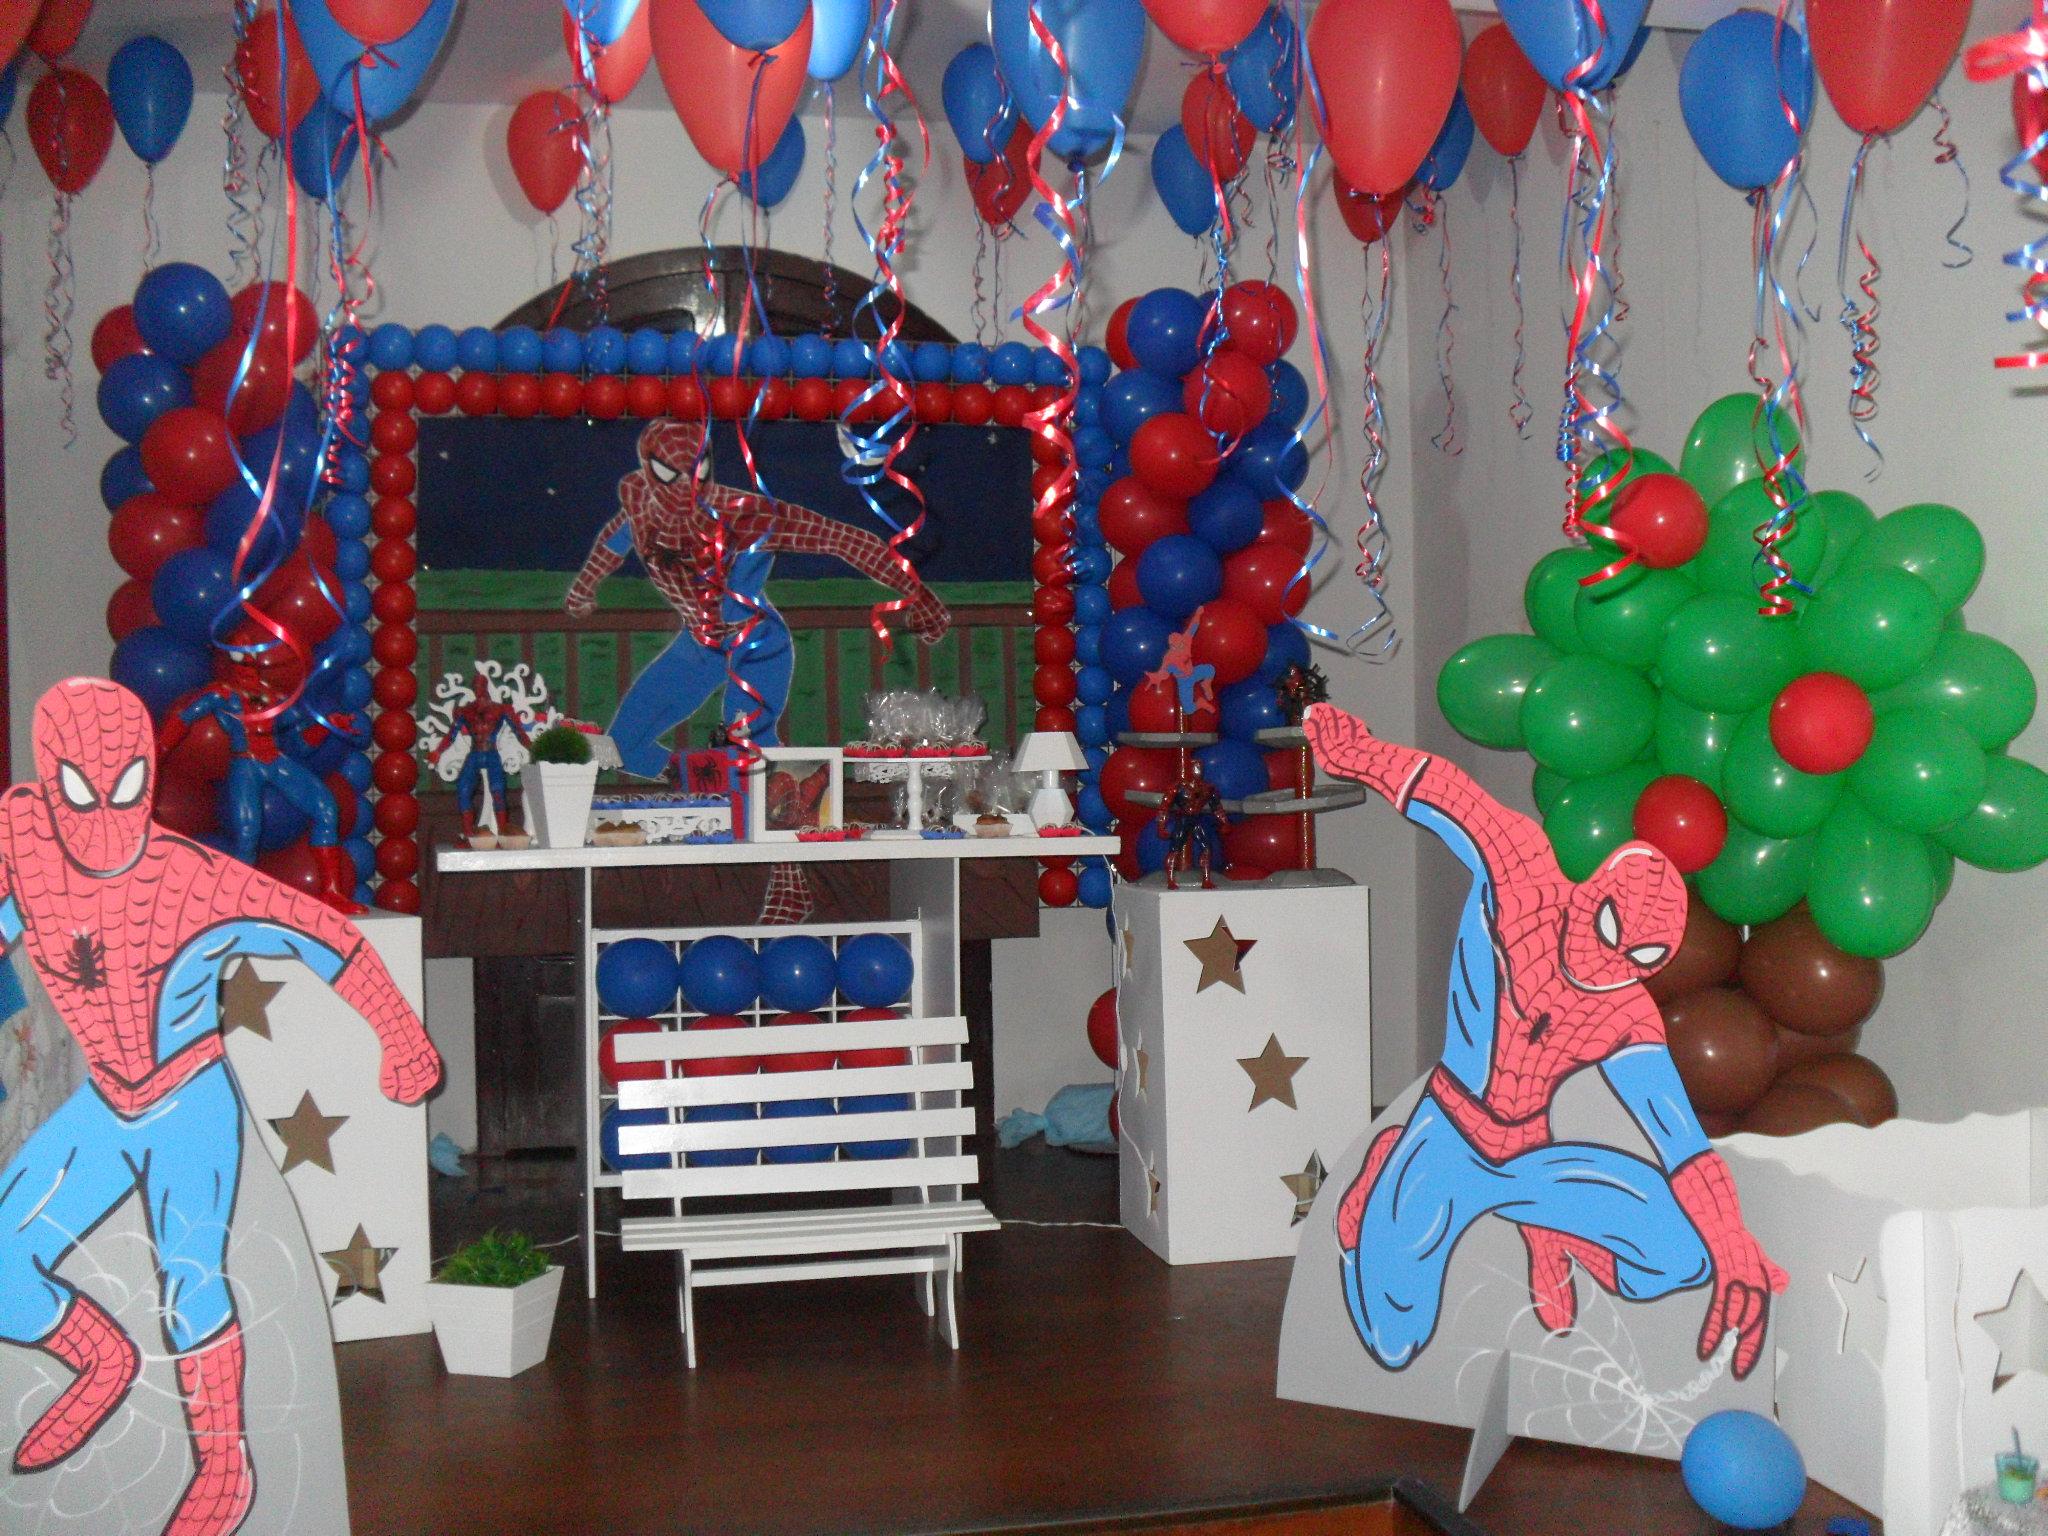 decoracao festa do homem aranha:Decorao De Festa Infantil Do Homem Aranha Simples 01jpg